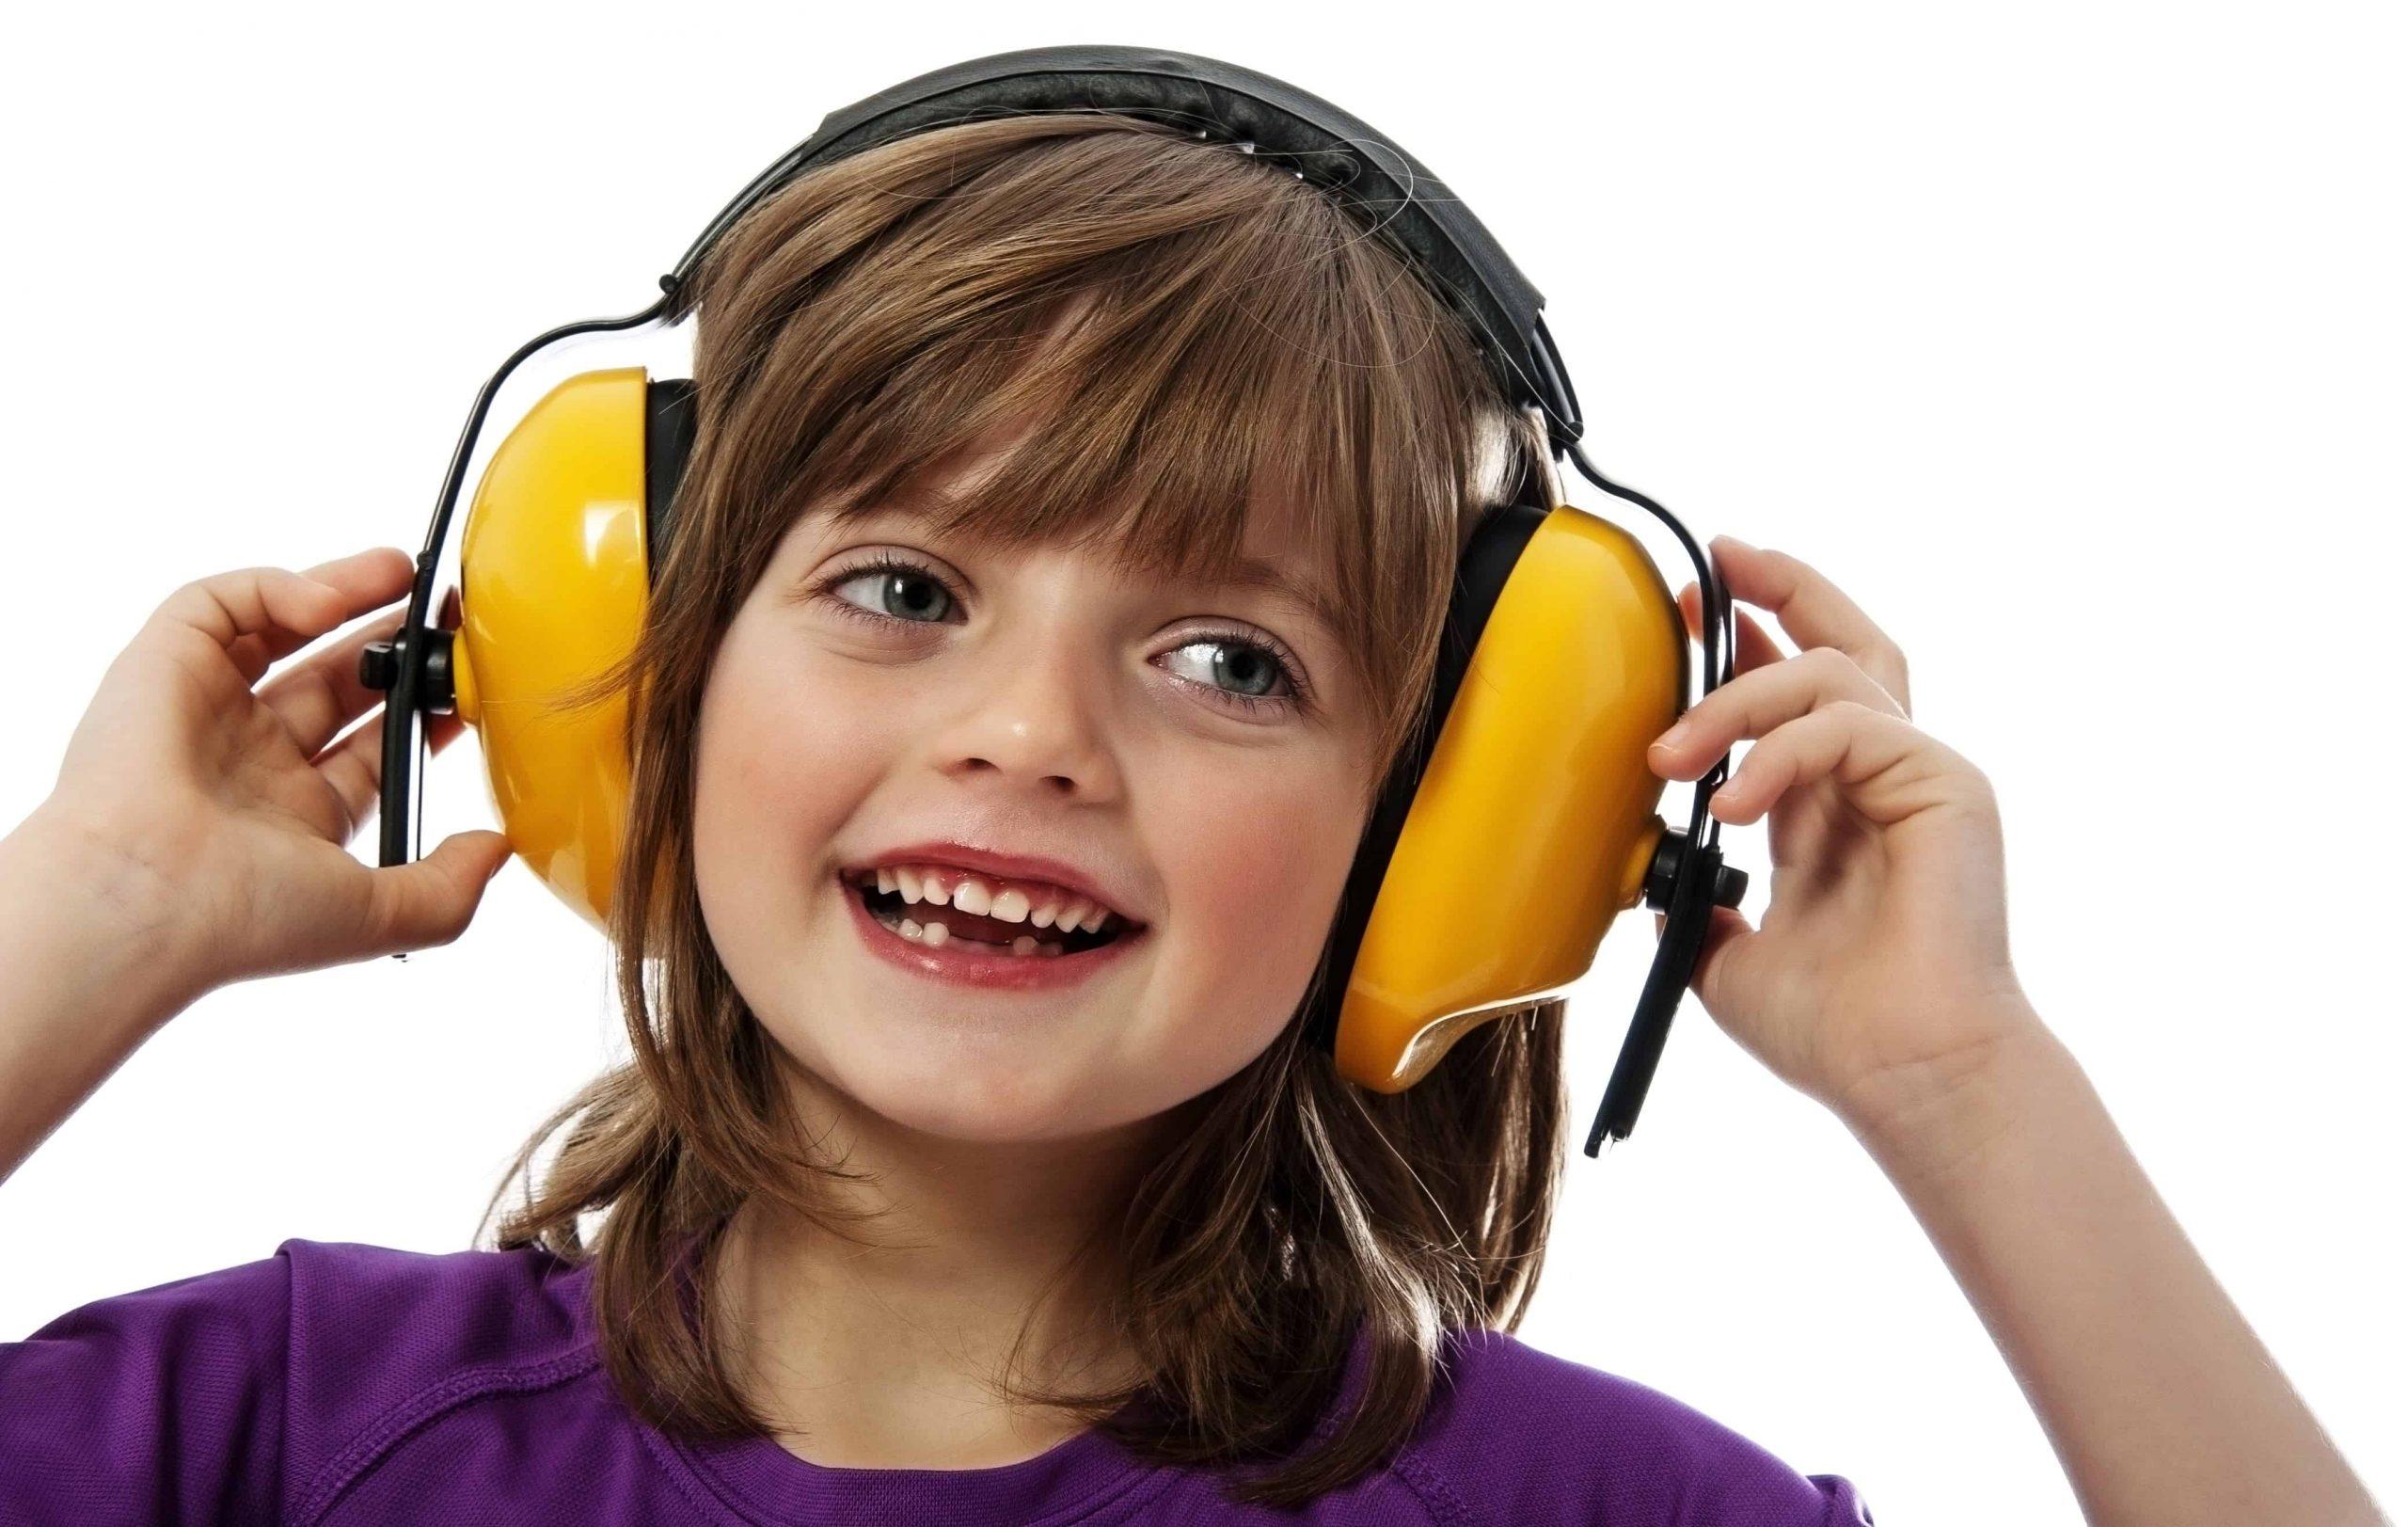 Kindergehörschutz: Test & Empfehlungen (03/20)